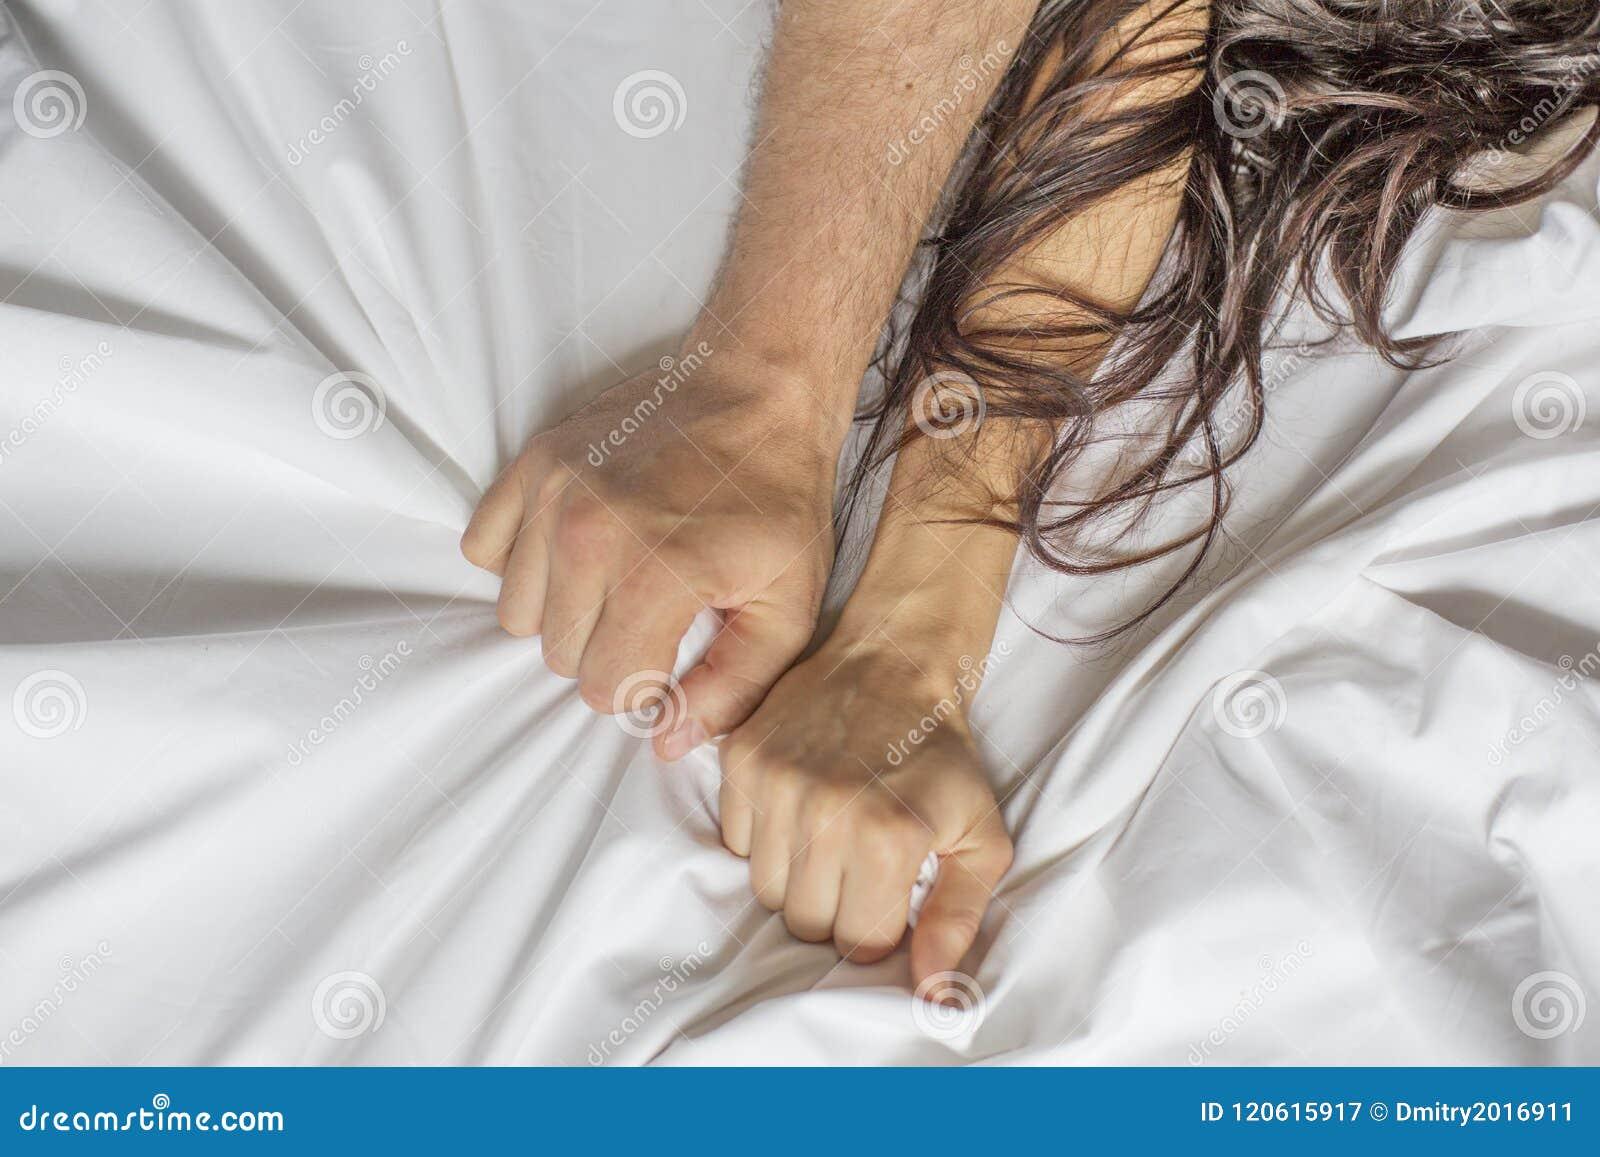 Acople as mãos que puxam as folhas brancas na êxtase, orgasmo Conceito da paixão Oorgasm Momentos eróticos conceito íntimo sexo